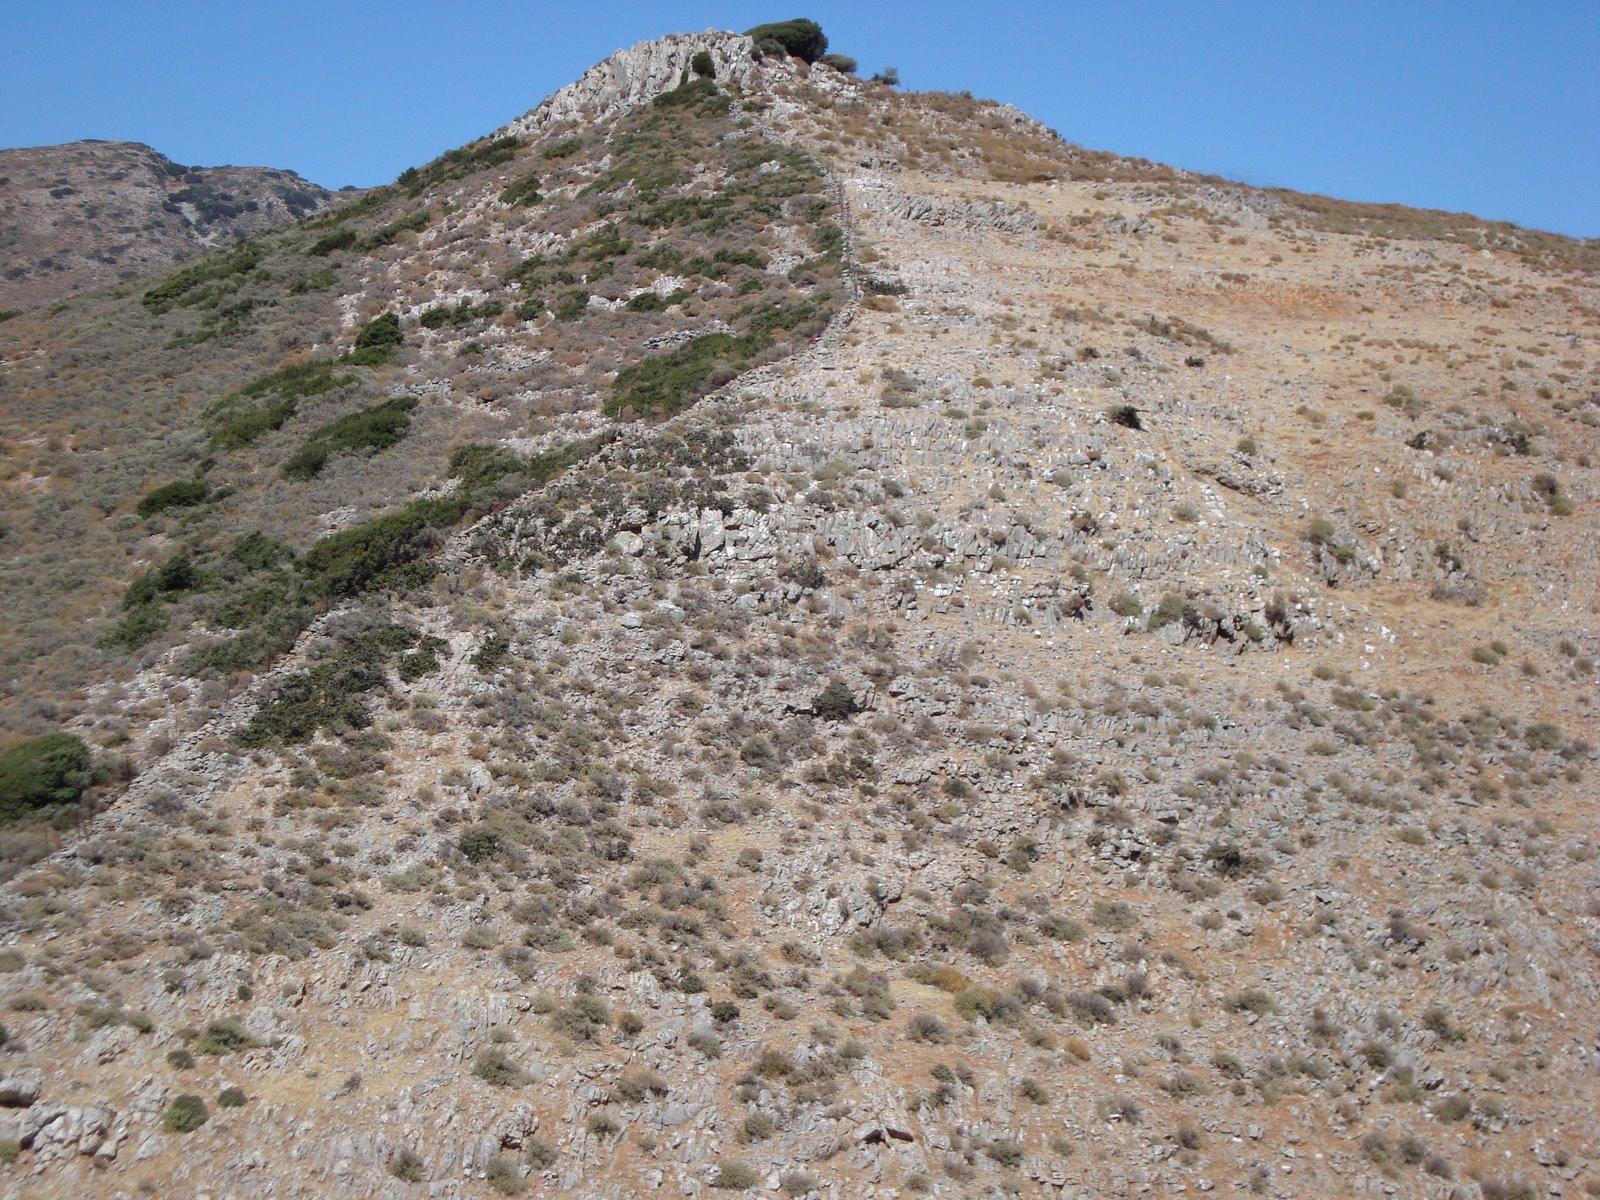 degradation-of-soils-2.jpg